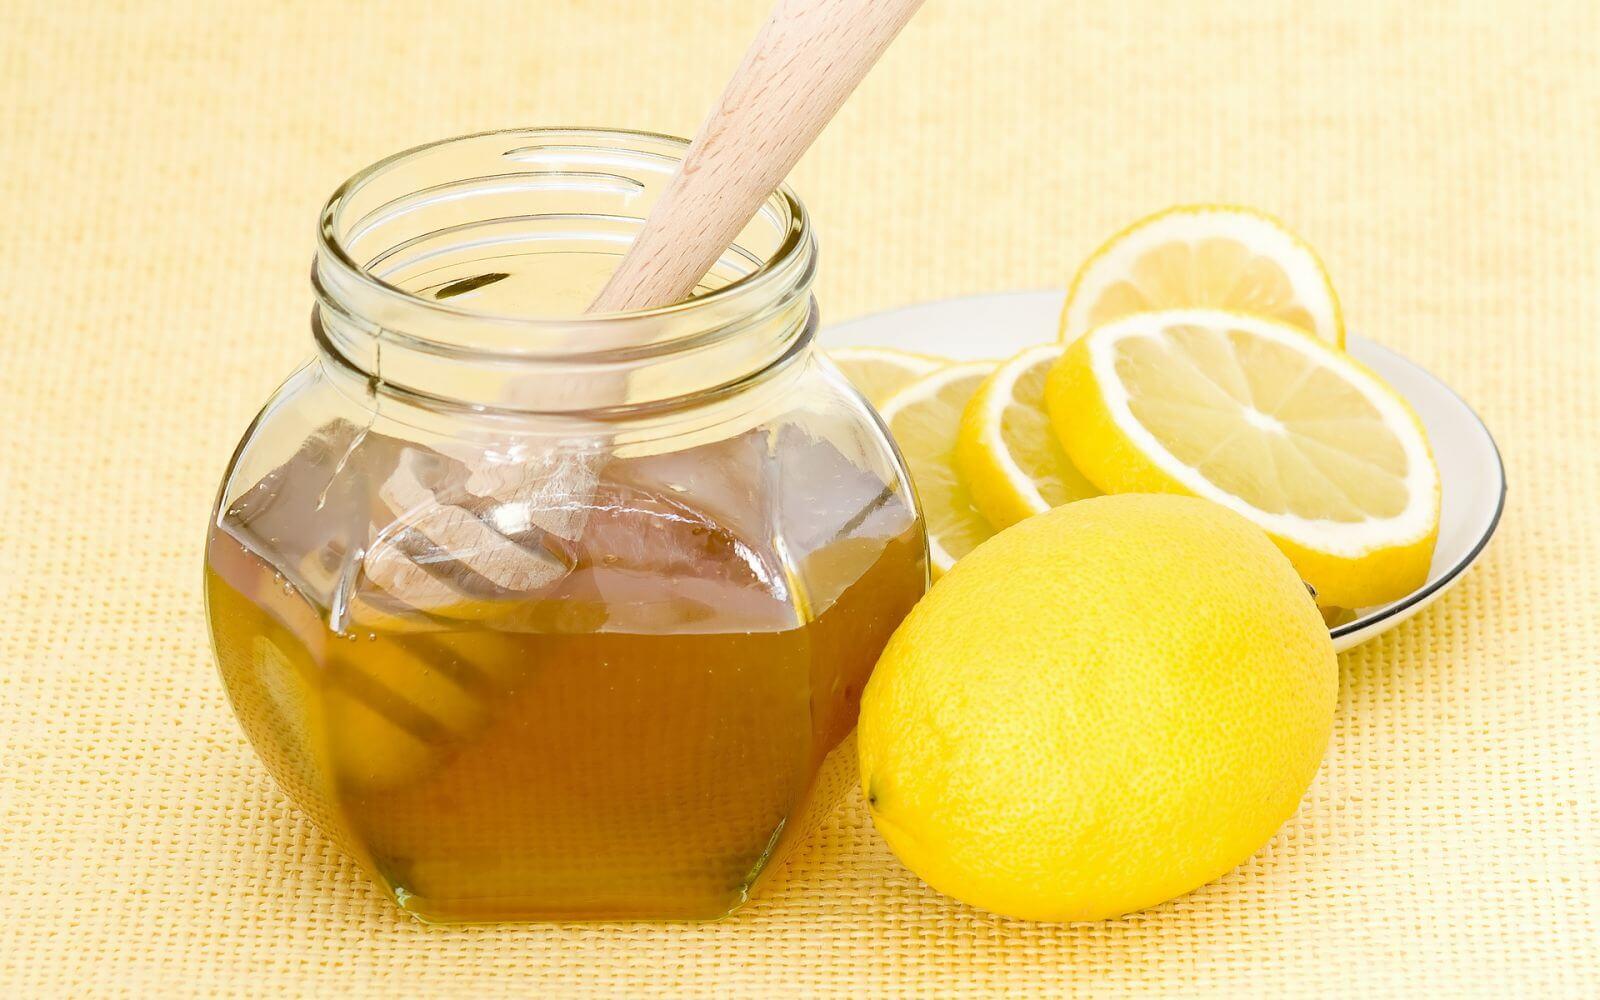 trị tàn nhang bằng mật ong và nước cốt chanh